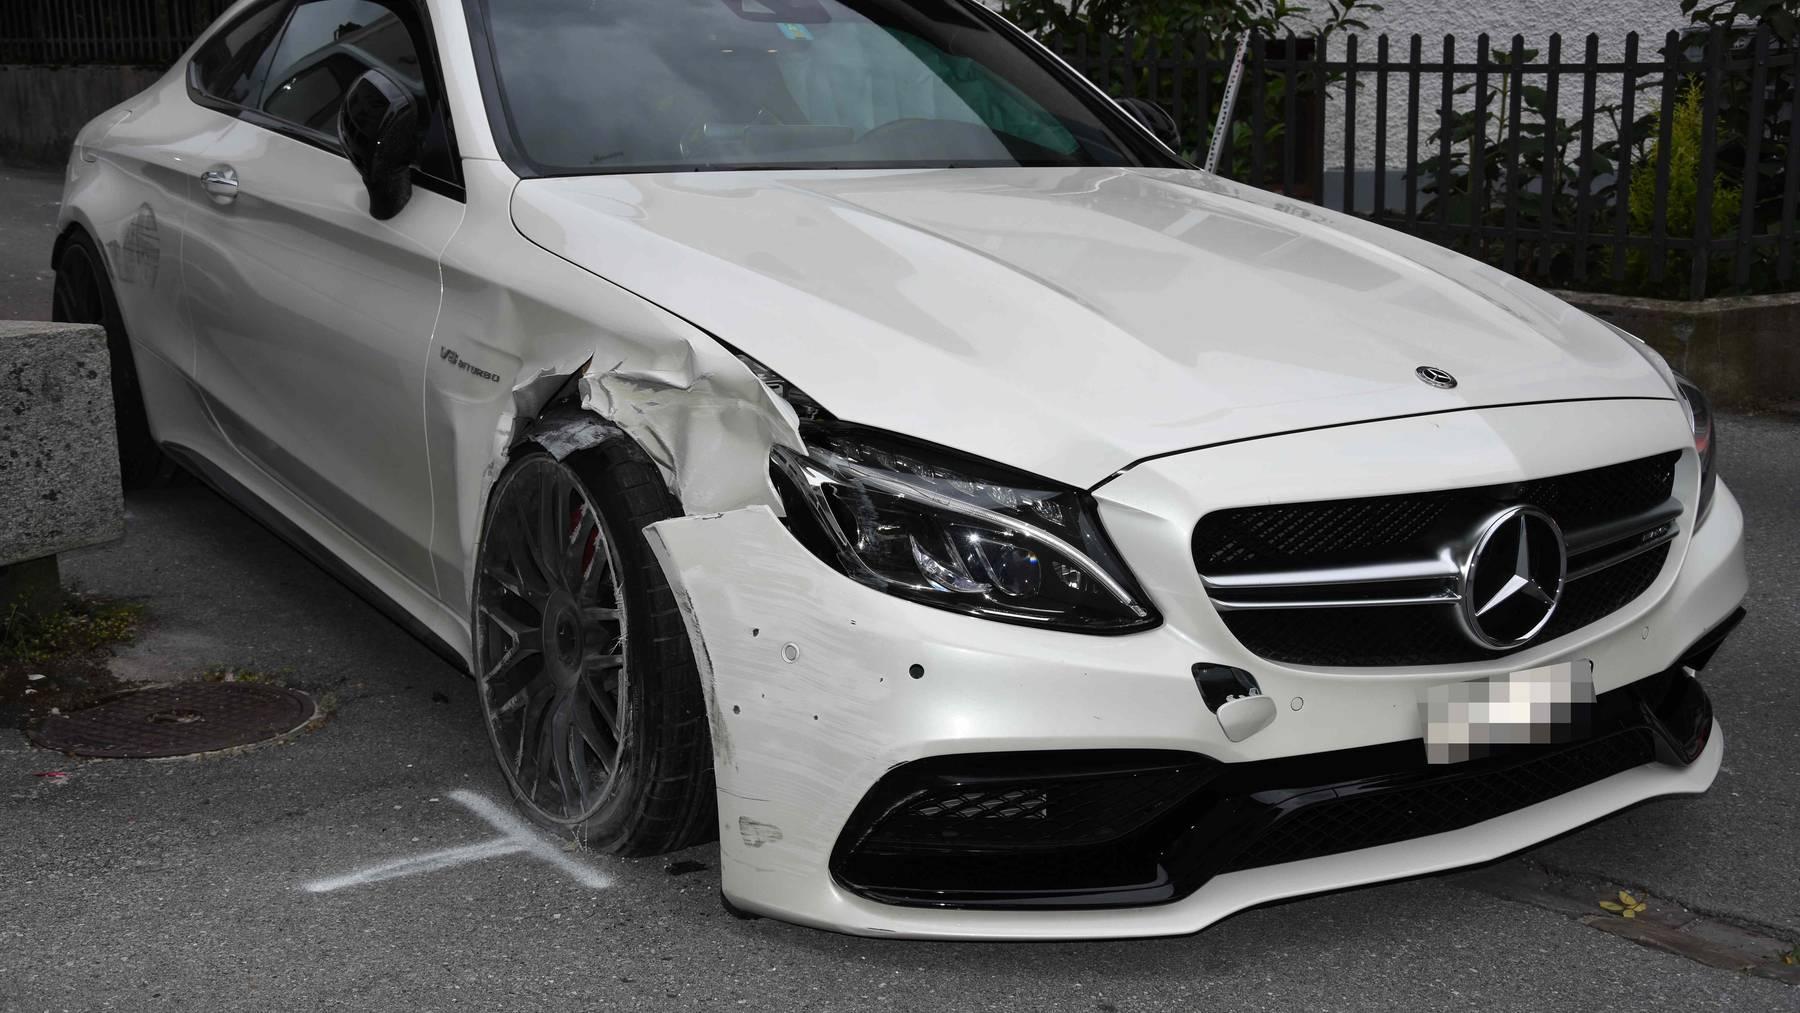 Diesen Mercedes klaute der Dieb in Mels.